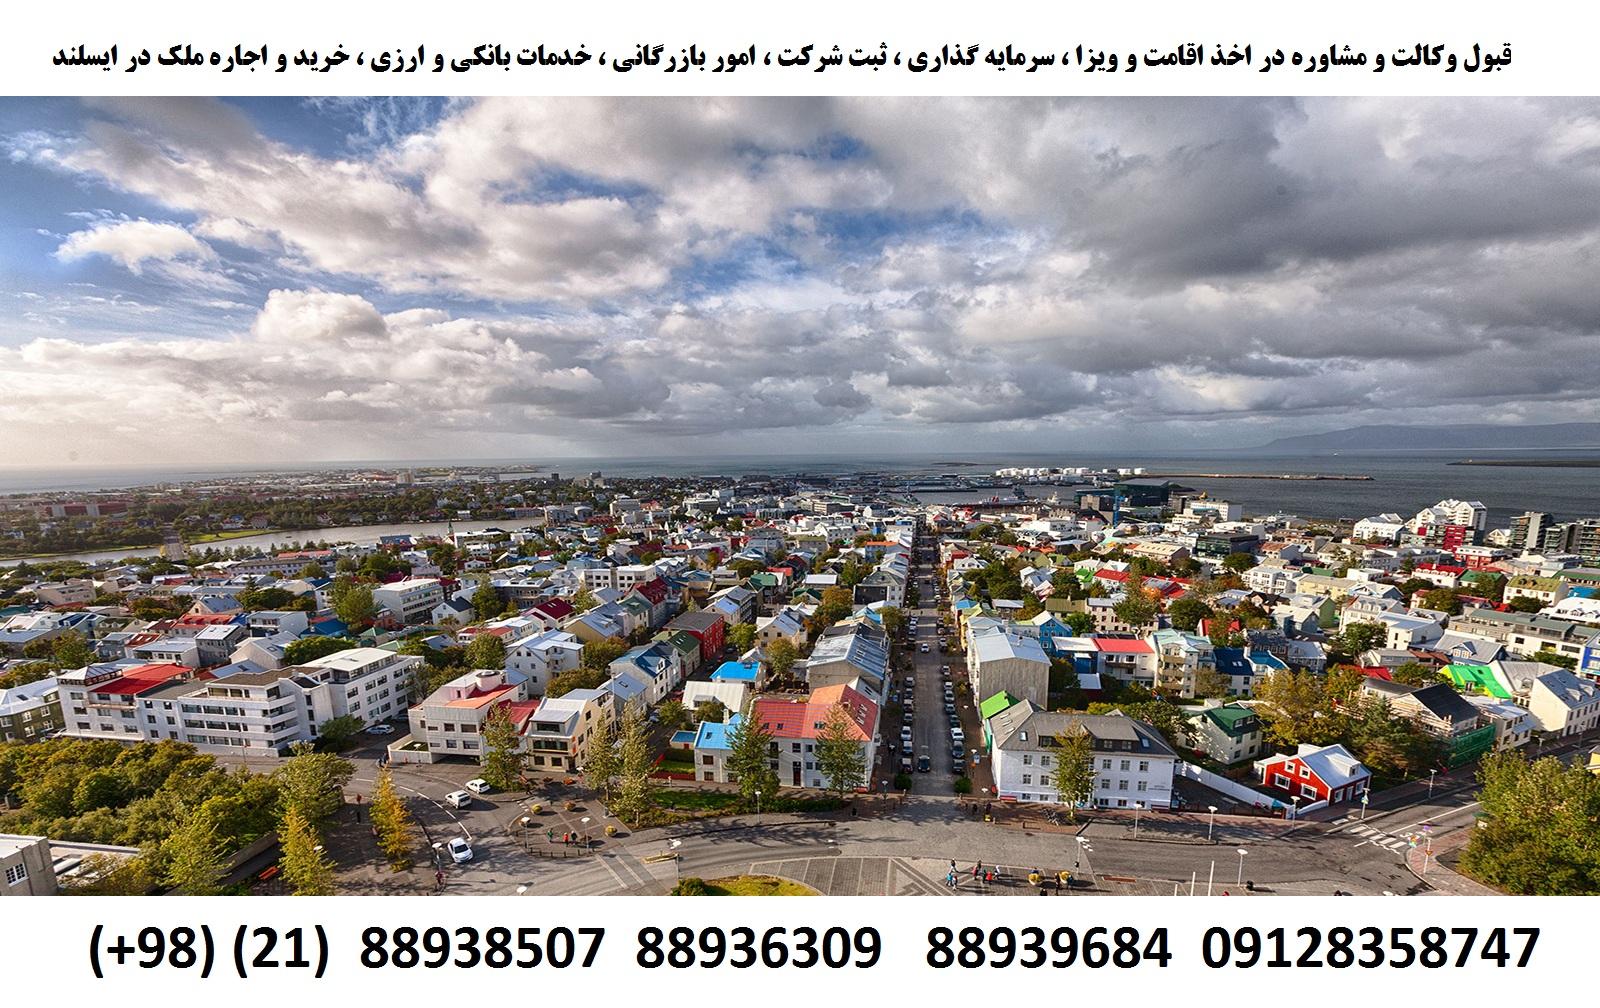 اقامت ، اخذ ویزا ، ثبت شرکت ، سرمایه گذاری در ایسلند (5)